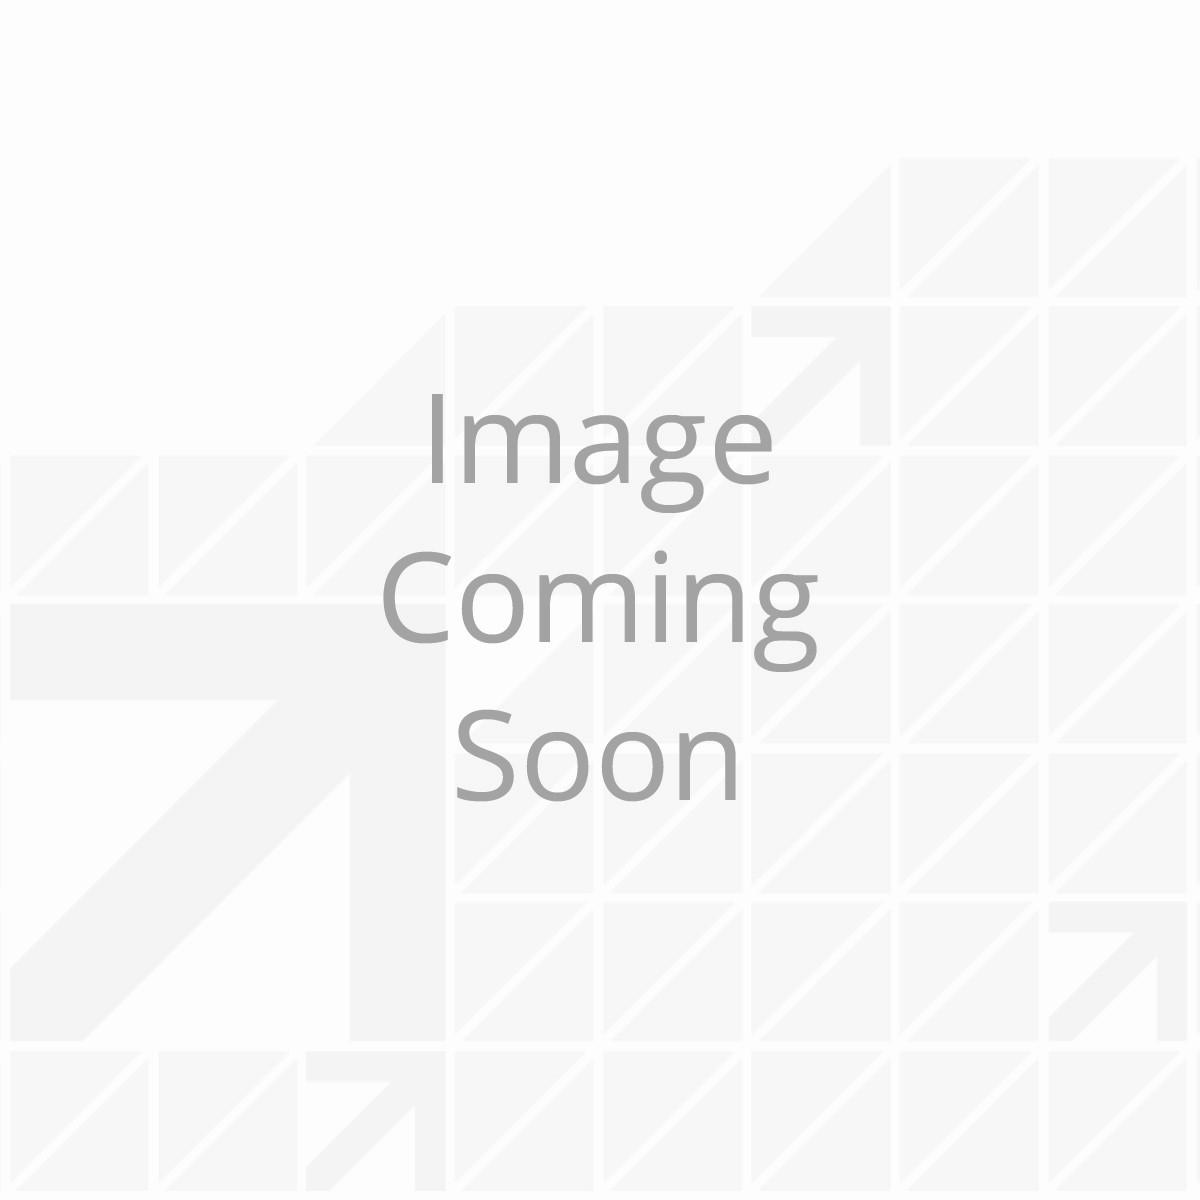 232201_-_leveling_sensor_-_001_1